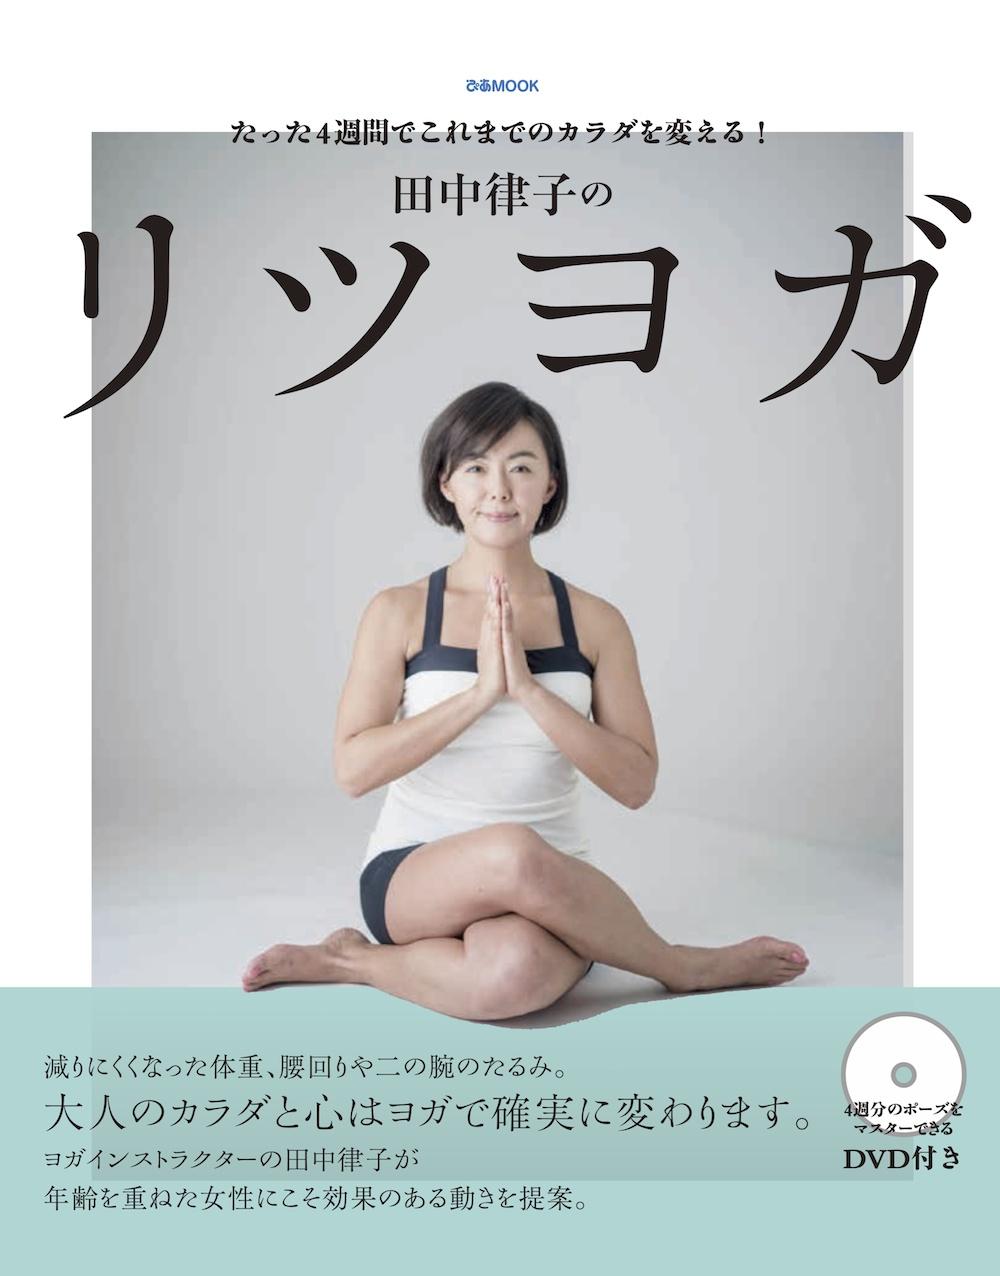 田中律子のリツヨガ